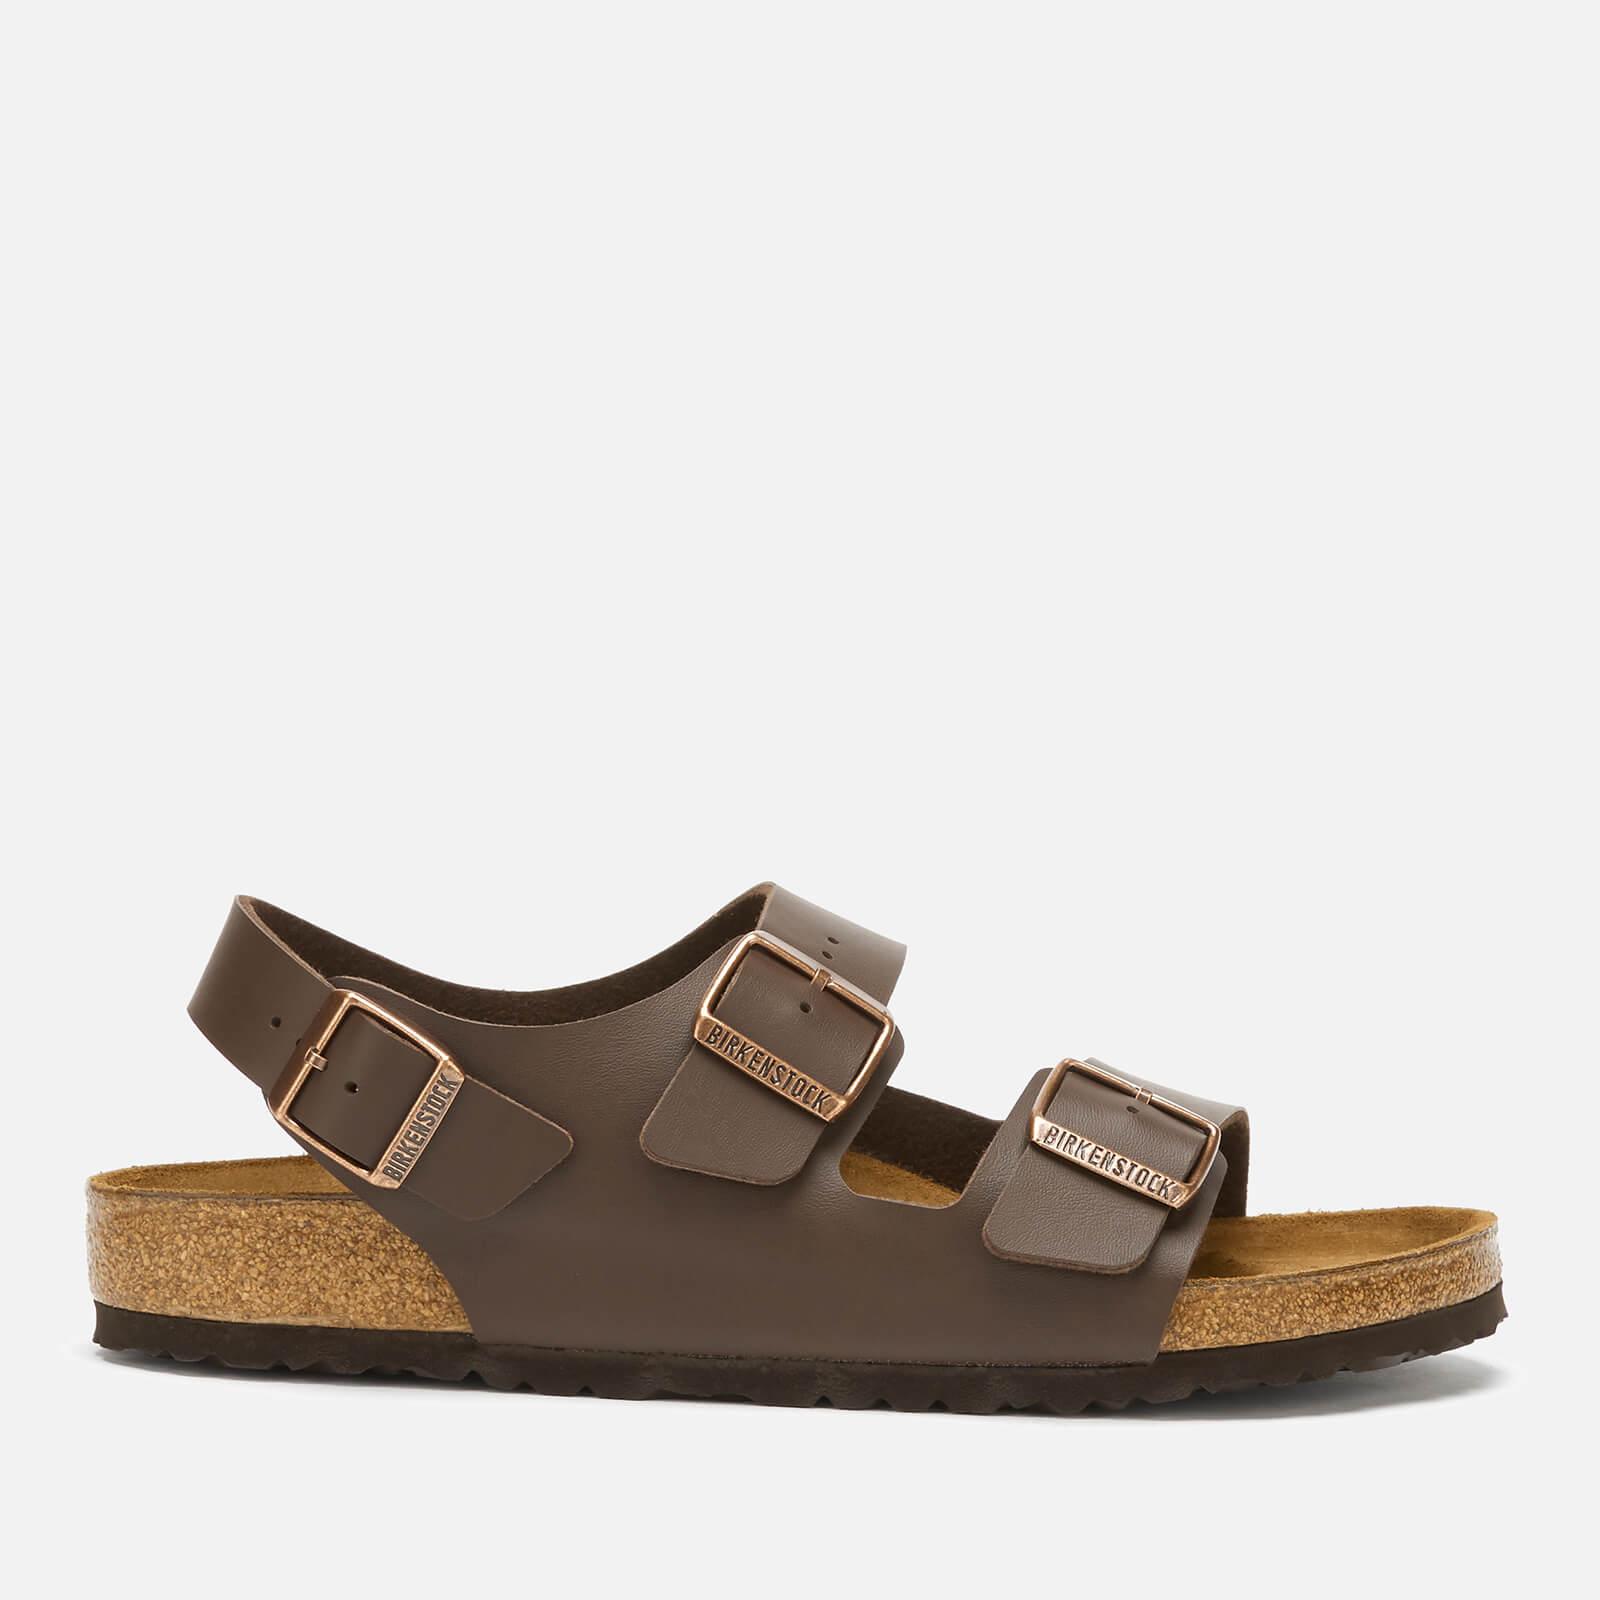 Birkenstock Men's Milano Double Strap Sandals - Dark Brown - EU 41/UK 7.5